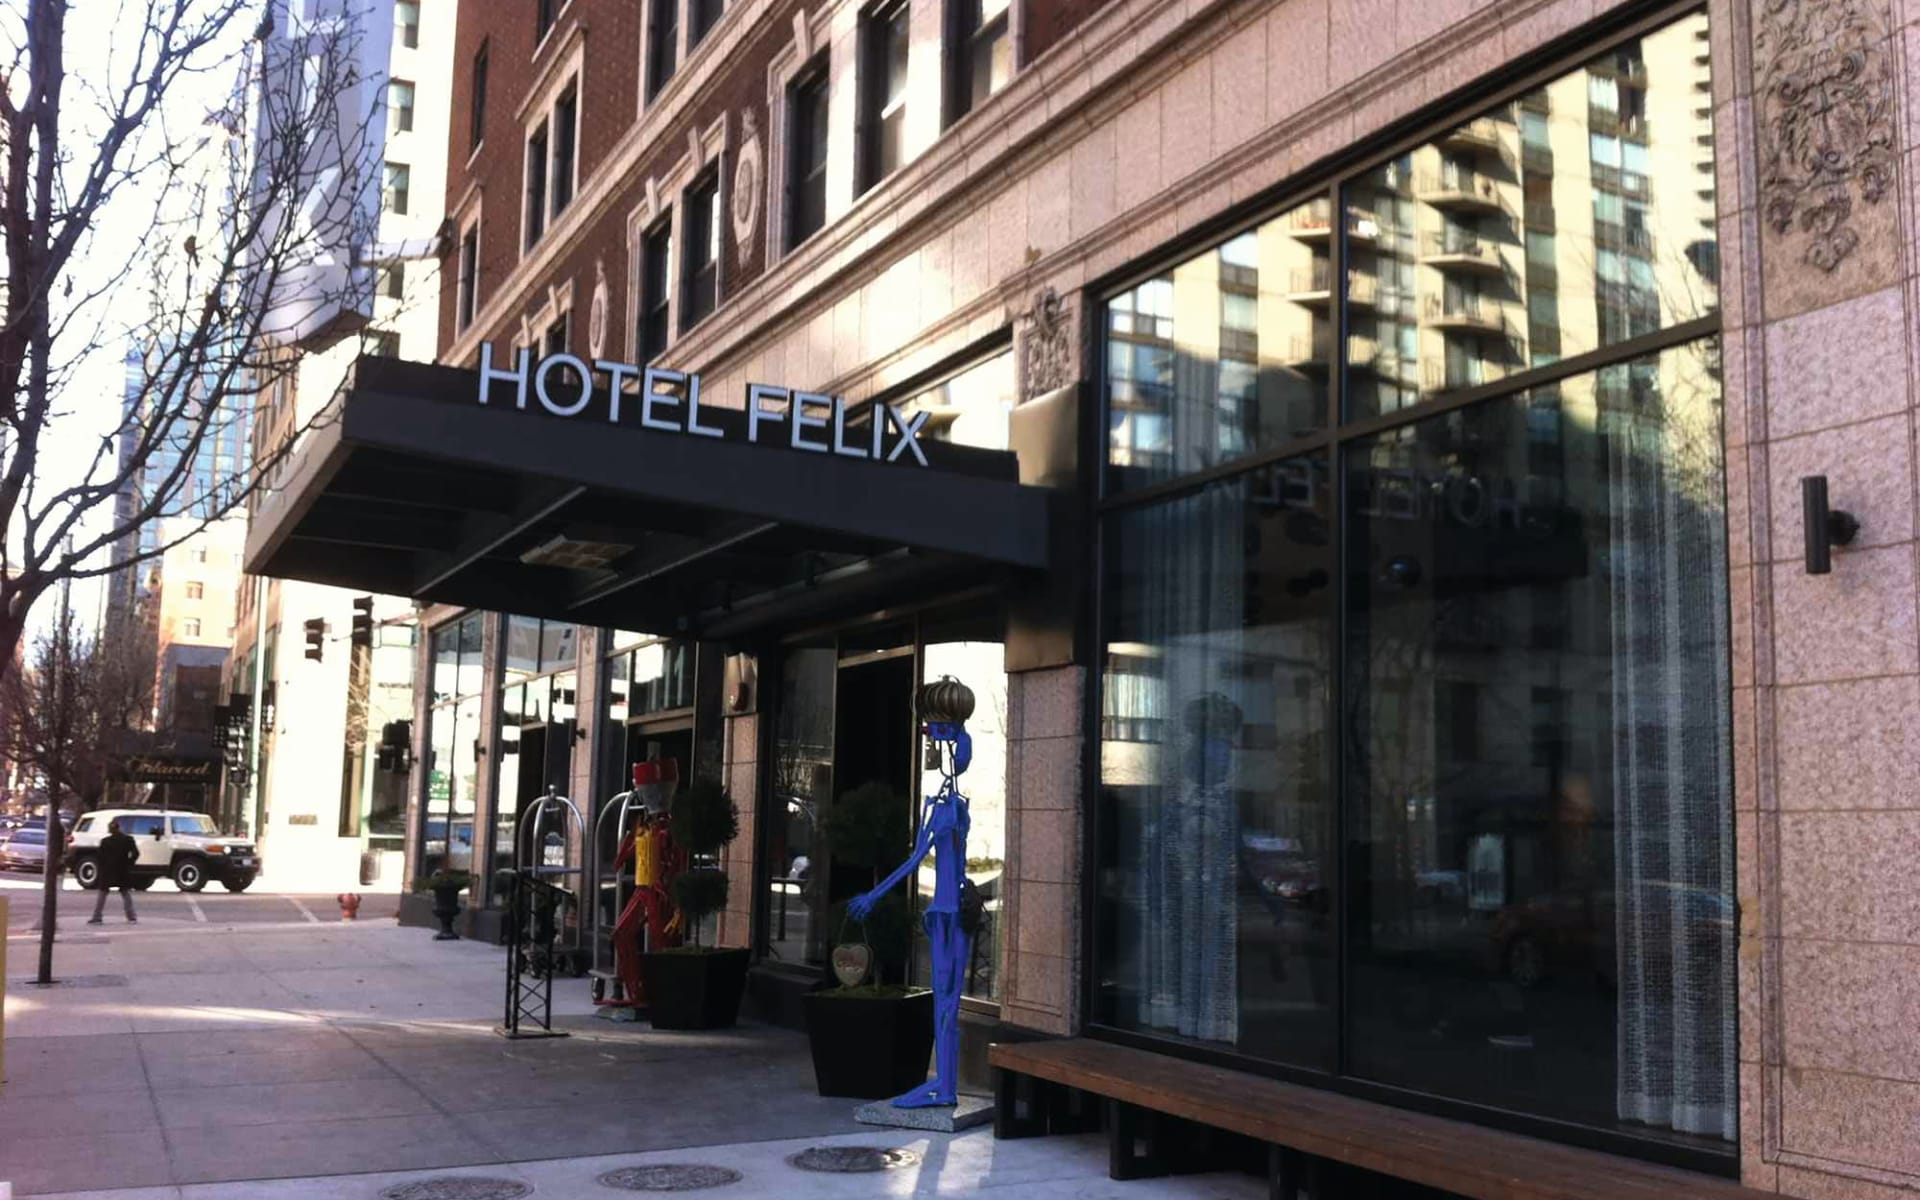 Hotel Felix in Chicago:  Hotel Felix_Aussenansicht_nicht für Internet verwenden